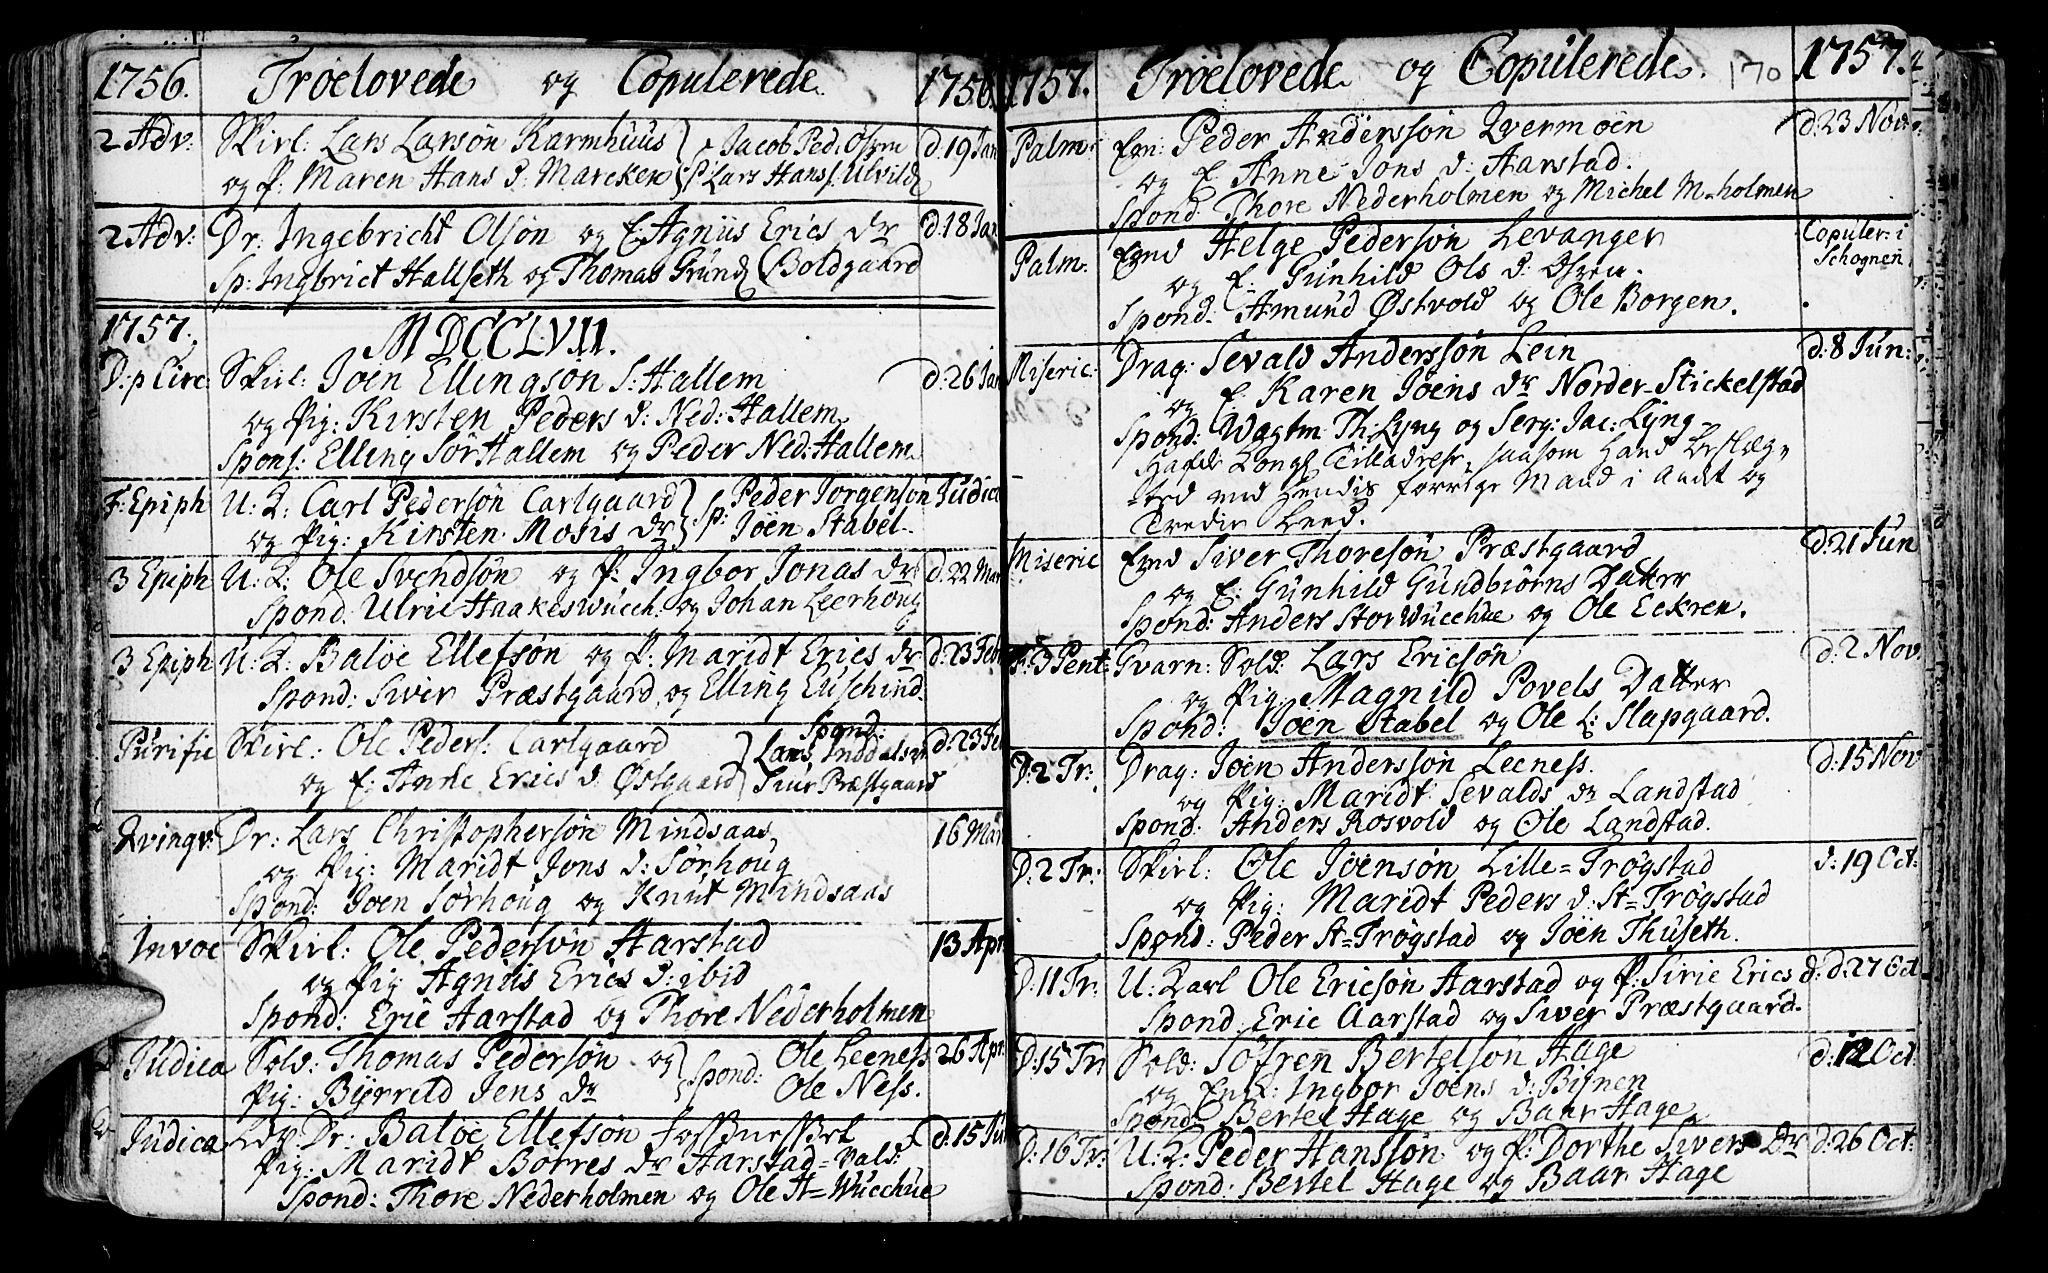 SAT, Ministerialprotokoller, klokkerbøker og fødselsregistre - Nord-Trøndelag, 723/L0231: Ministerialbok nr. 723A02, 1748-1780, s. 170